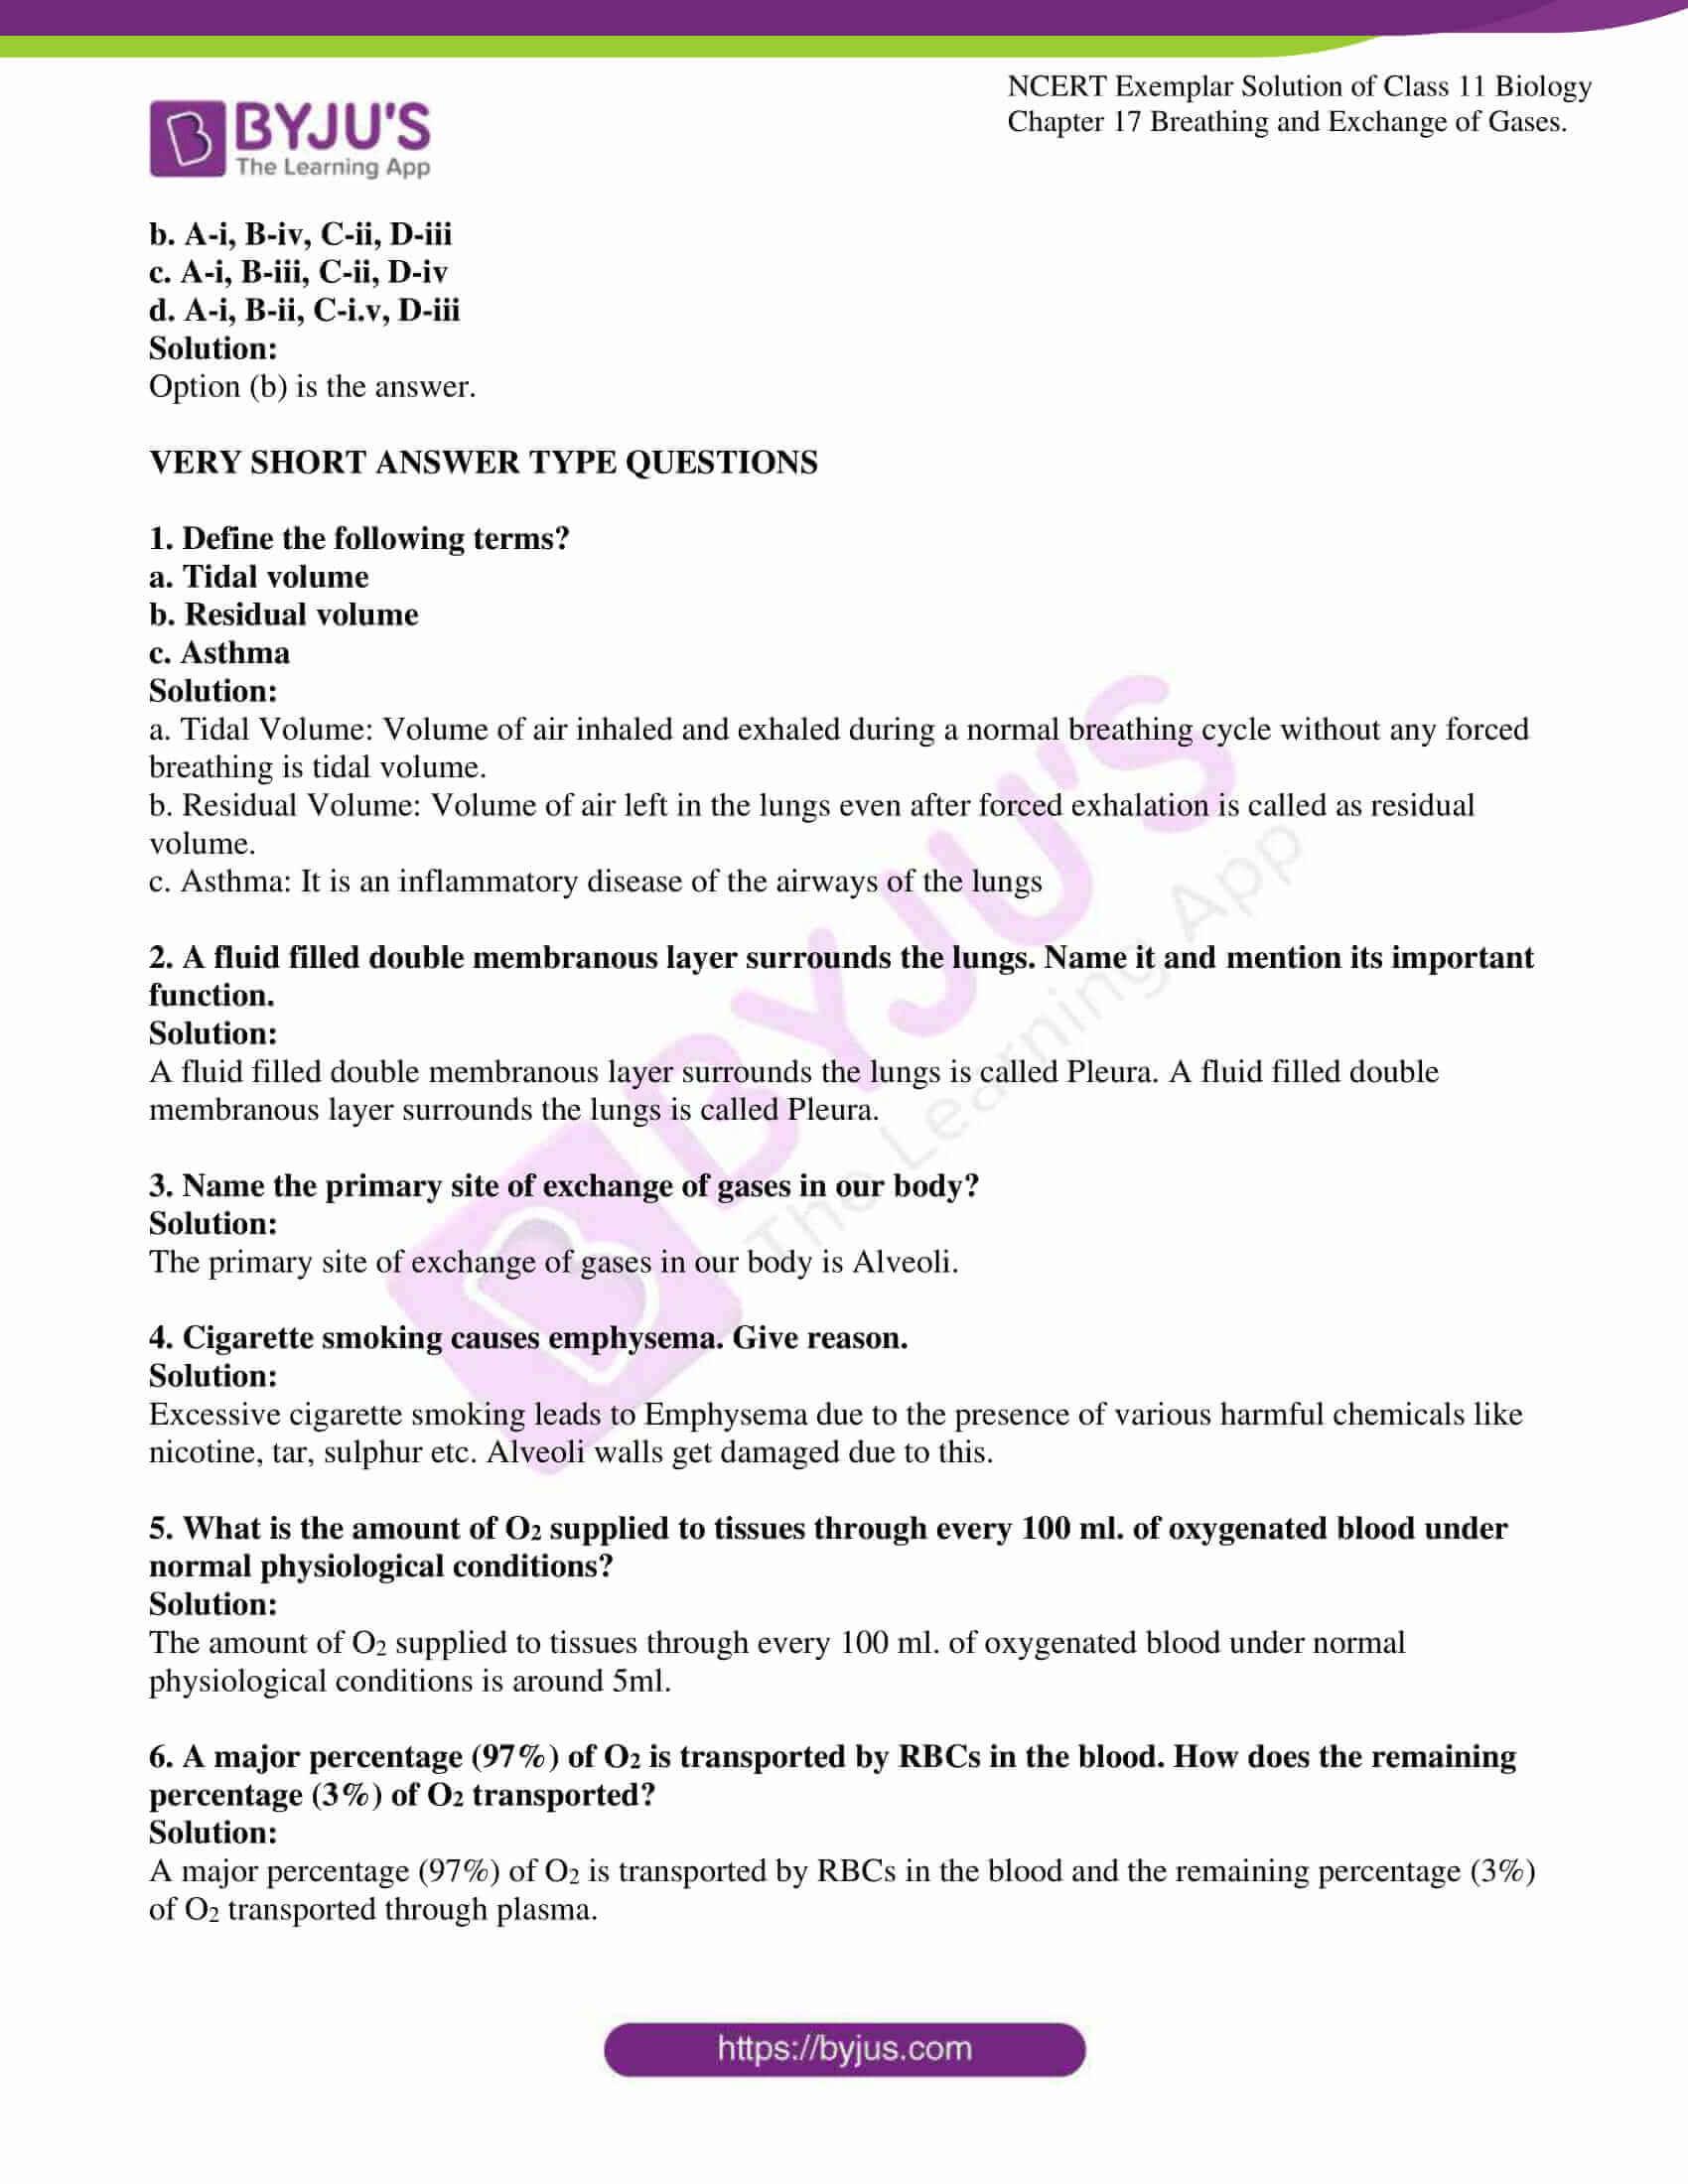 ncert exemplar solutions class 11 biology chapter 17 4